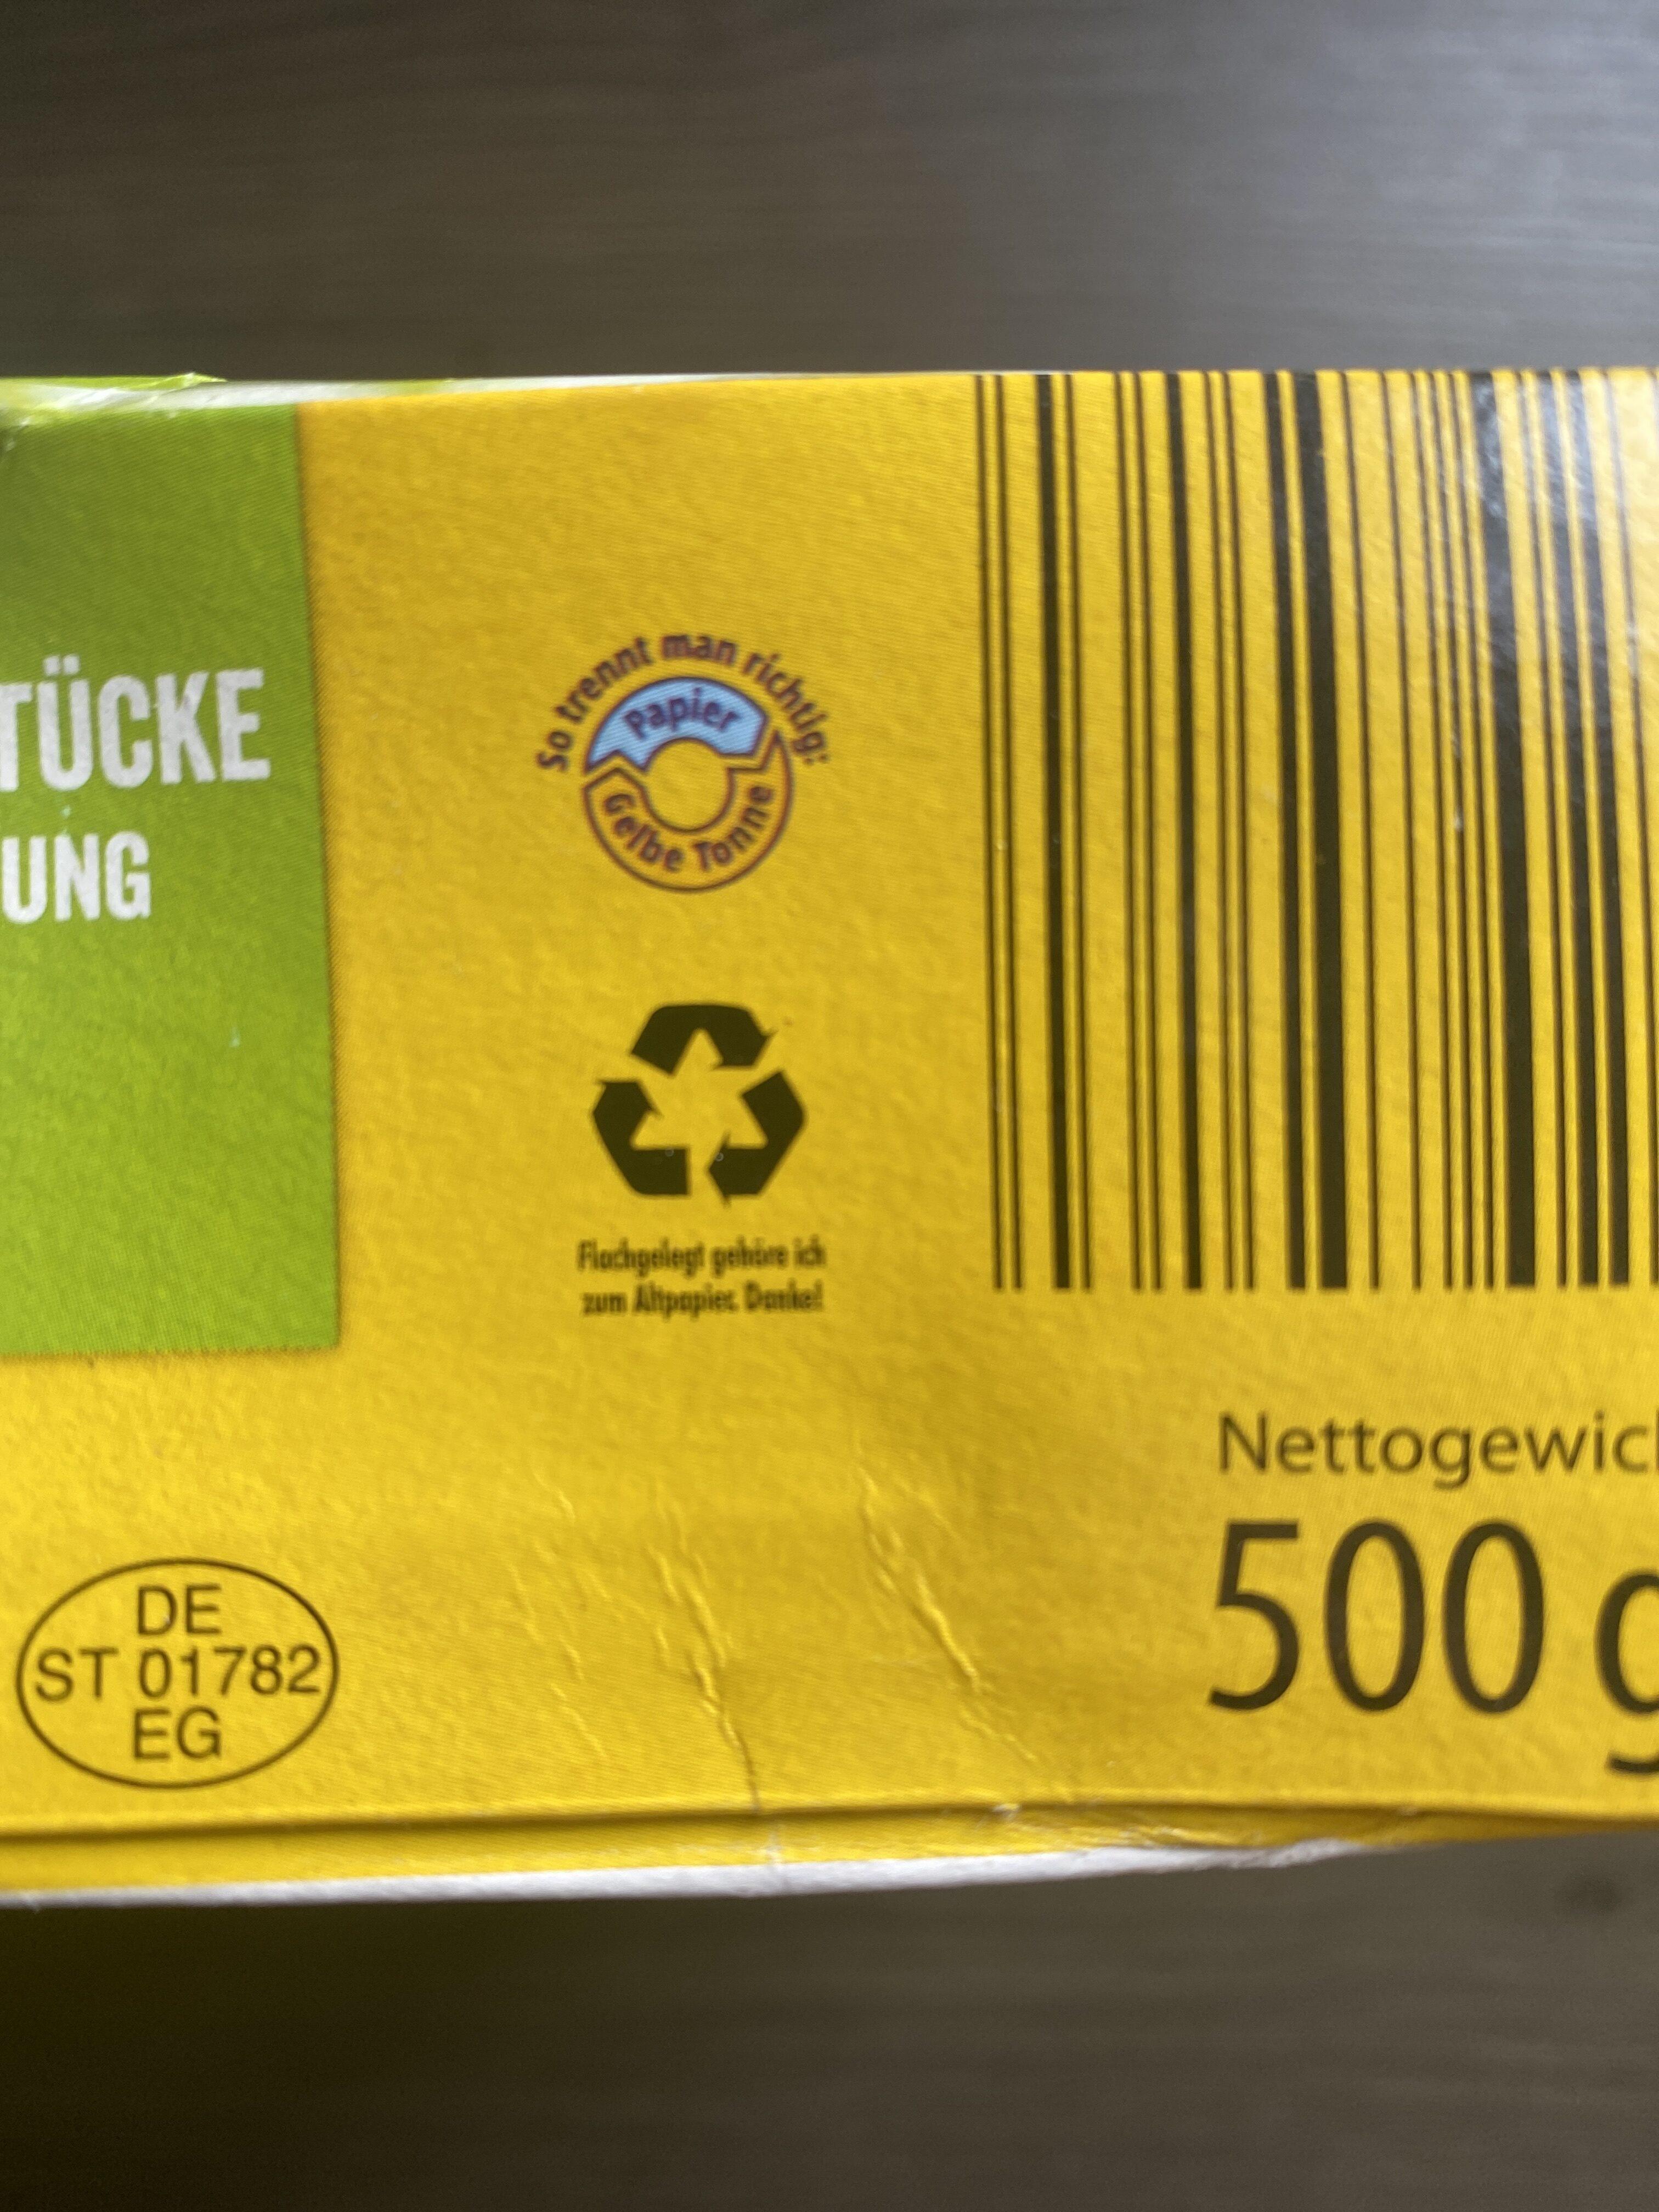 Jacks Farm Hähnchenbrustfilet Teilstücke - Wiederverwertungsanweisungen und/oder Verpackungsinformationen - de